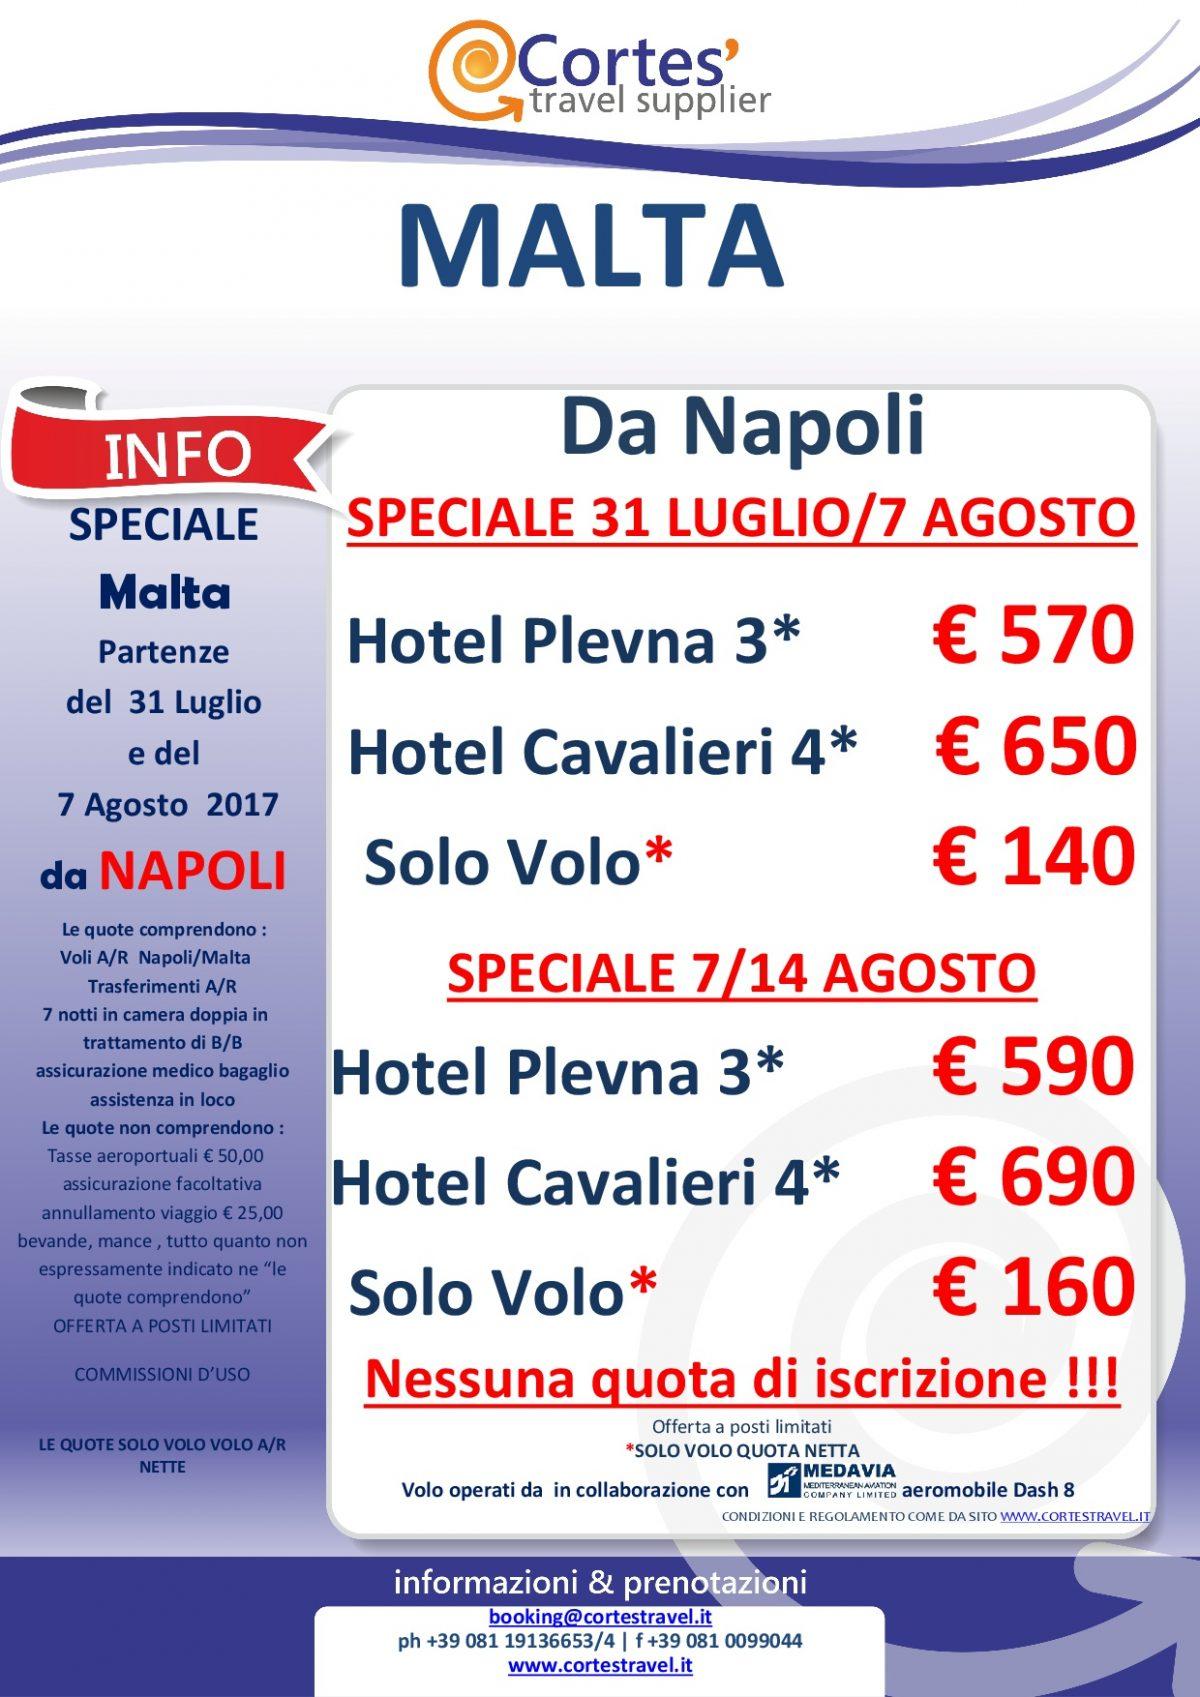 Offerta Malta da Napoli